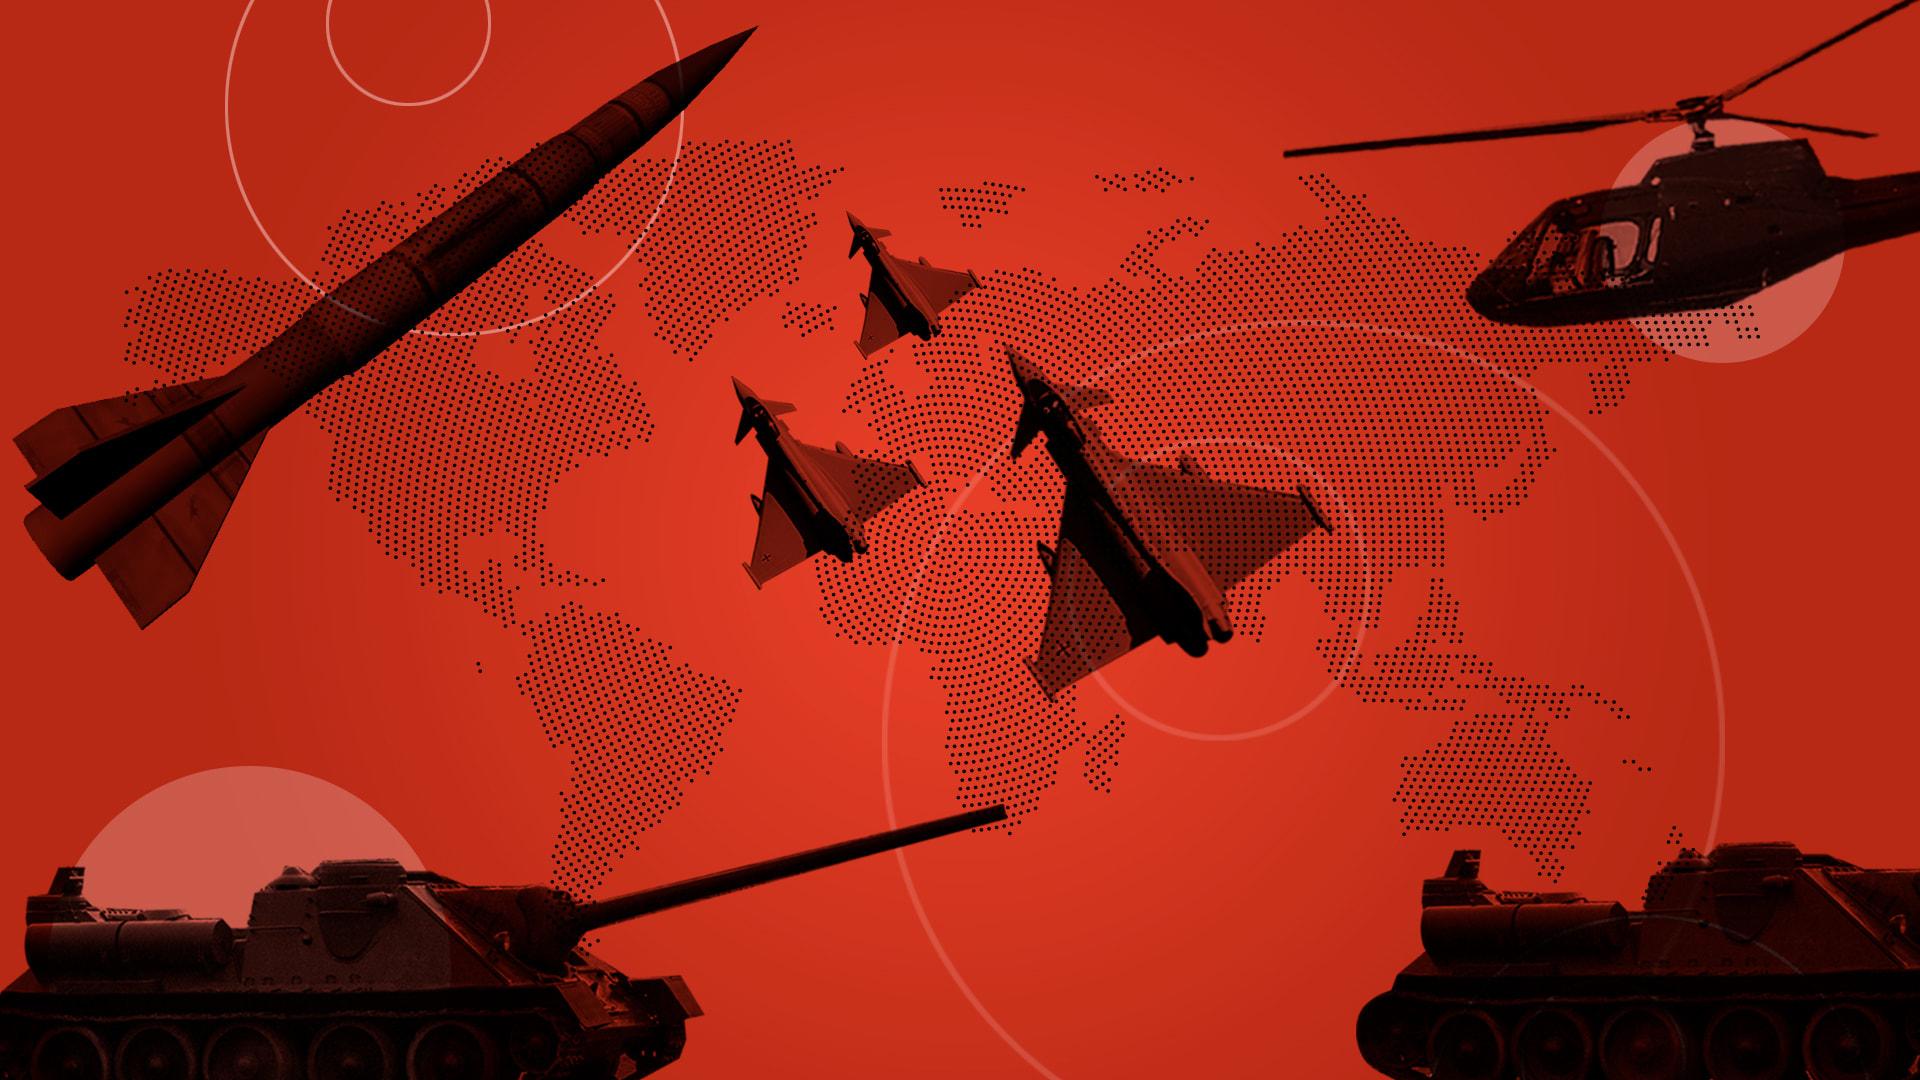 السعودية أكثر الدول استيراداً للأسلحة العسكرية.. أيها الأكثر تصديراً؟